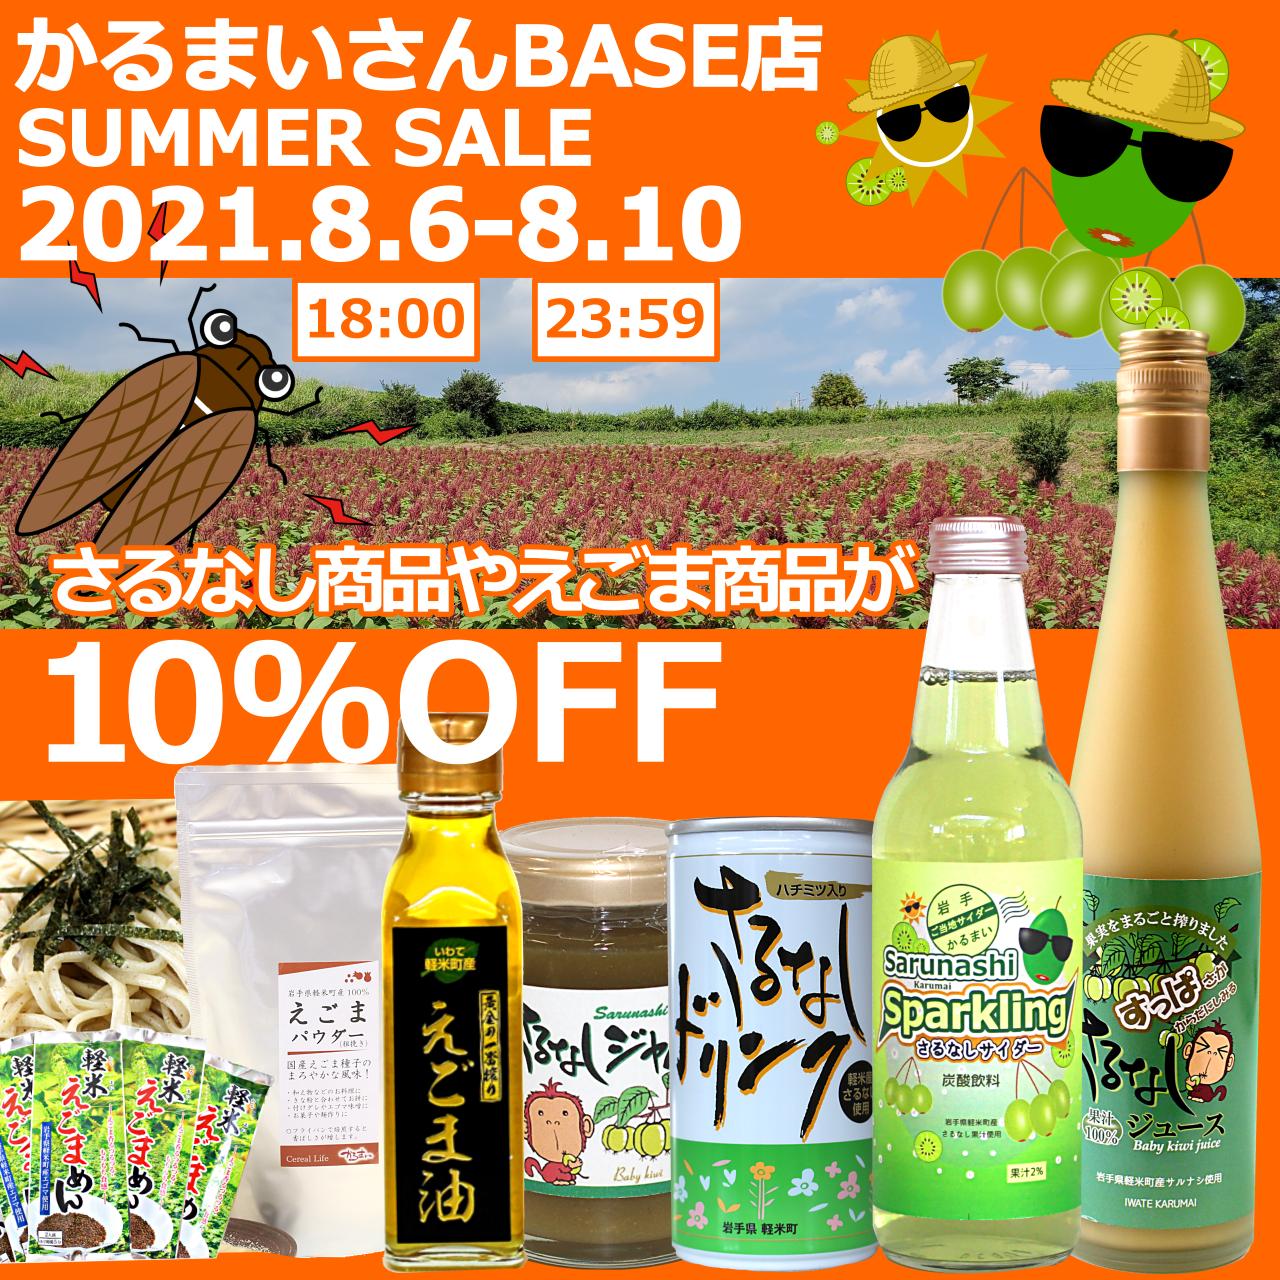 軽米を代表する特産品が5~10%OFF! 「2021サマーセール」開催!